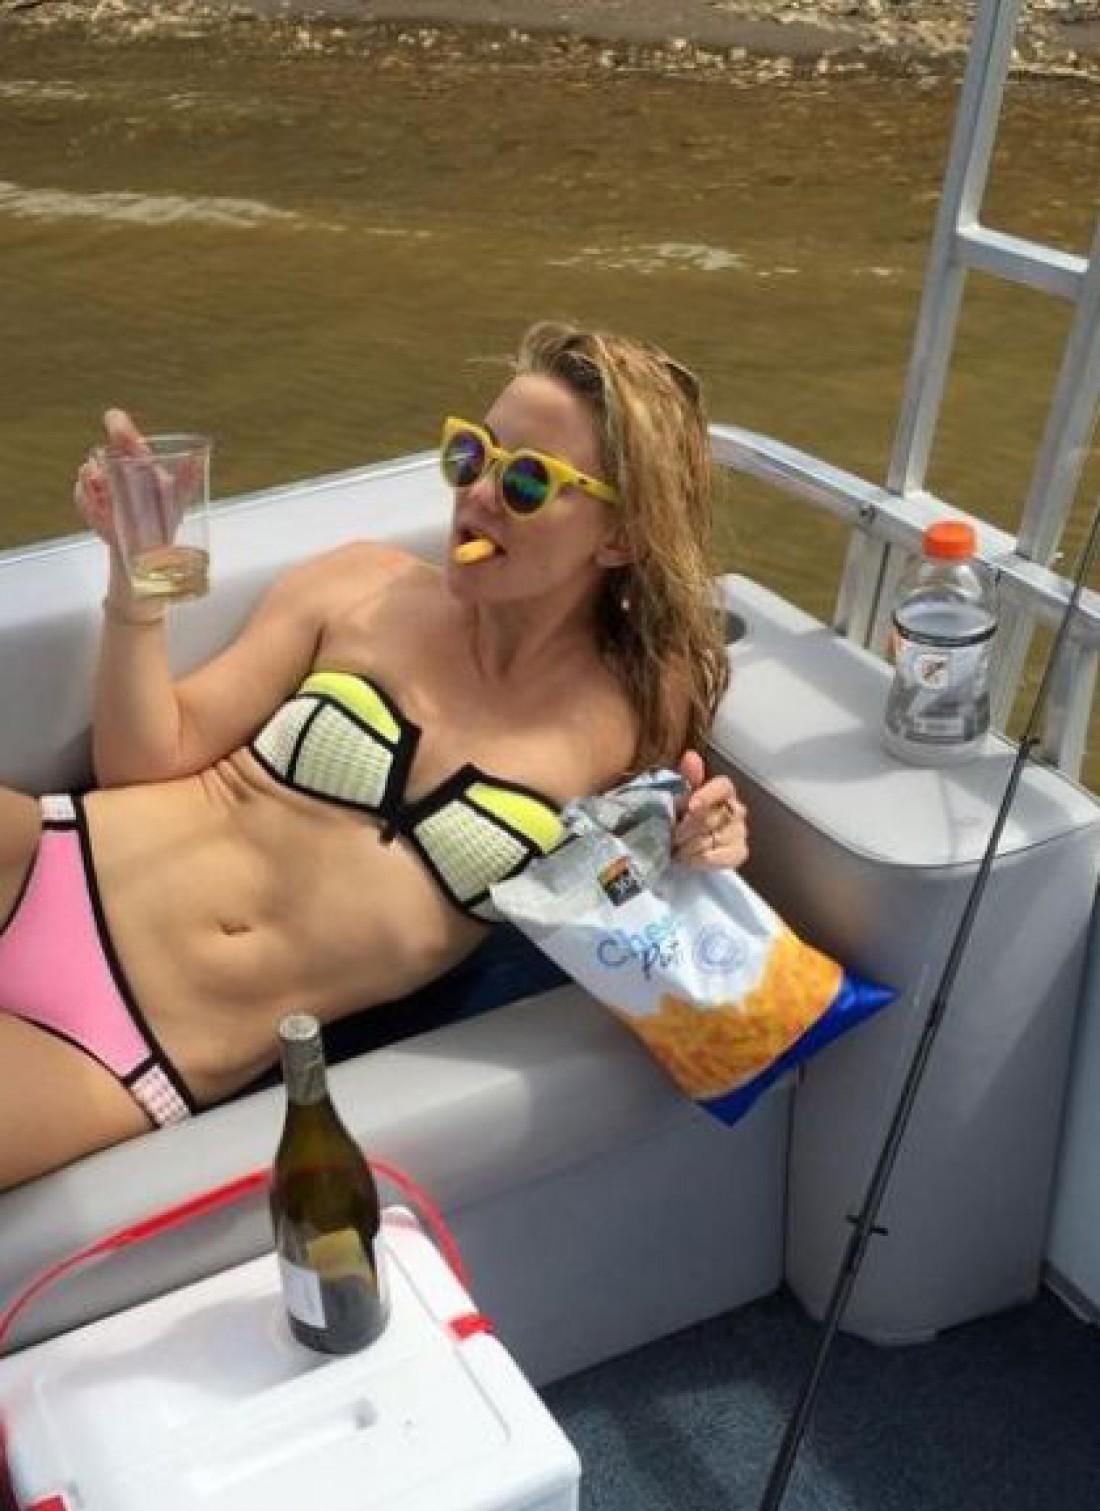 Кейт Хадсон не ограничивает себя в употреблении фаст-фуда